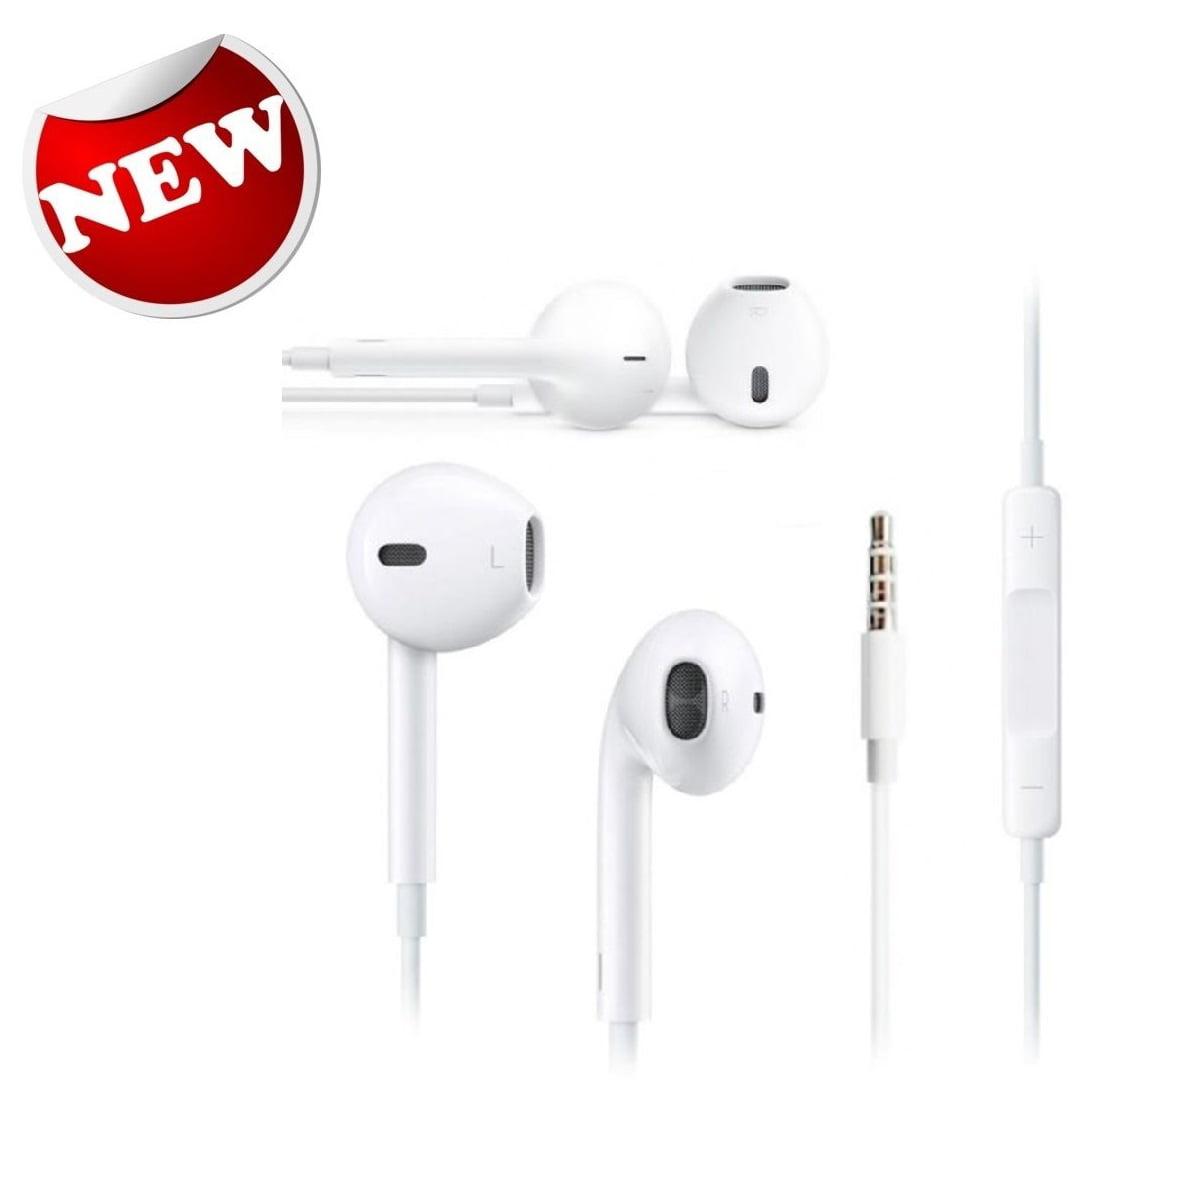 New Original Apple Iphone 5 5s 6 6s Earpods Earphones Headphones W